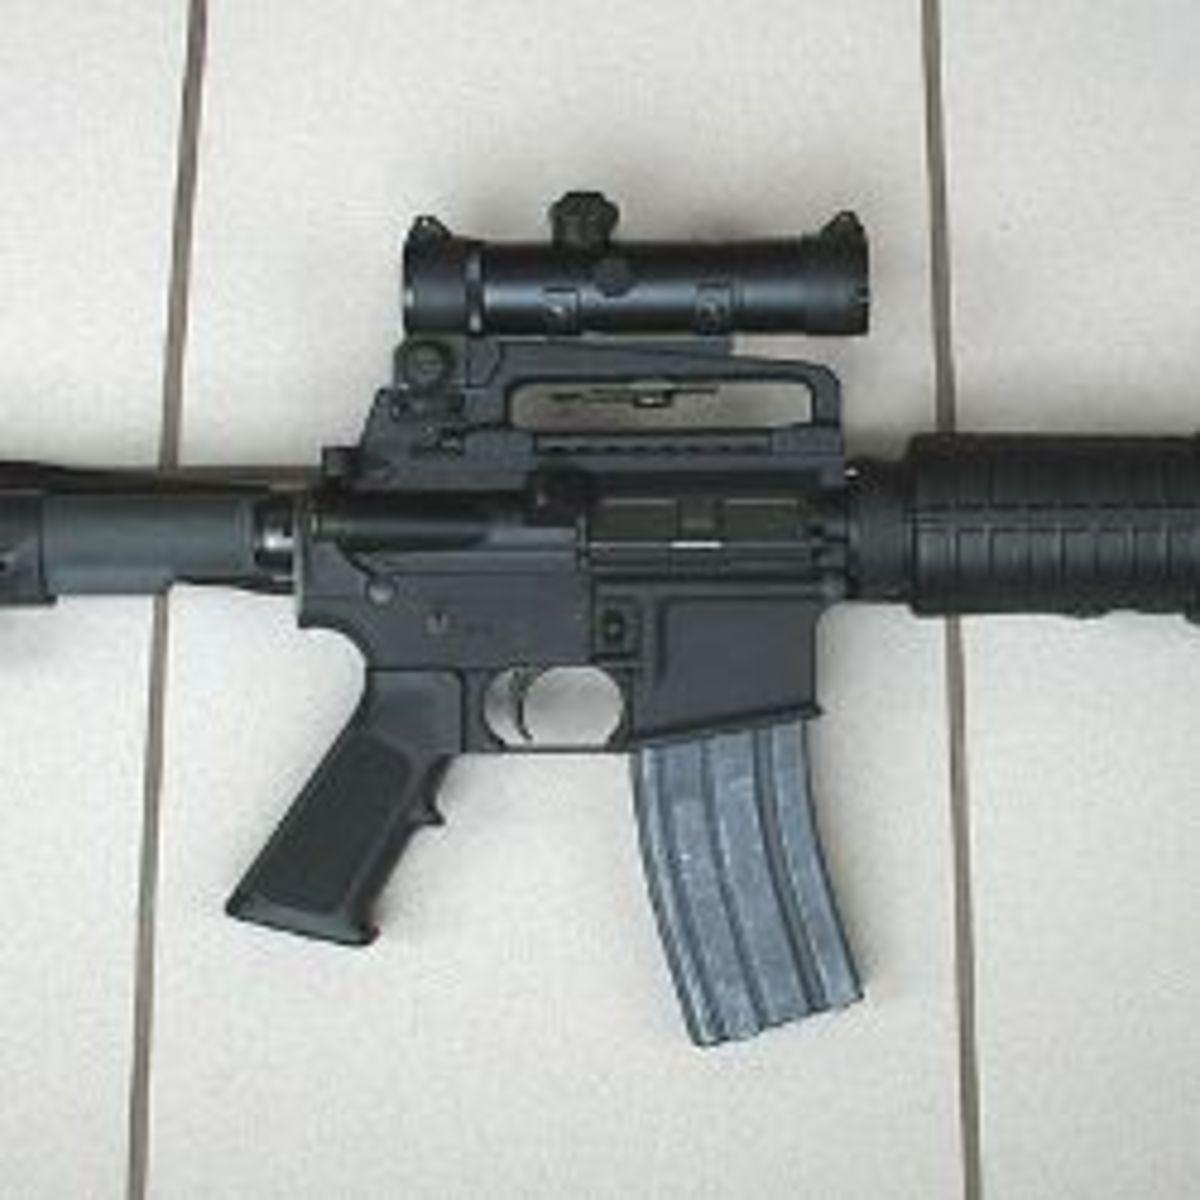 How to Build an AR15